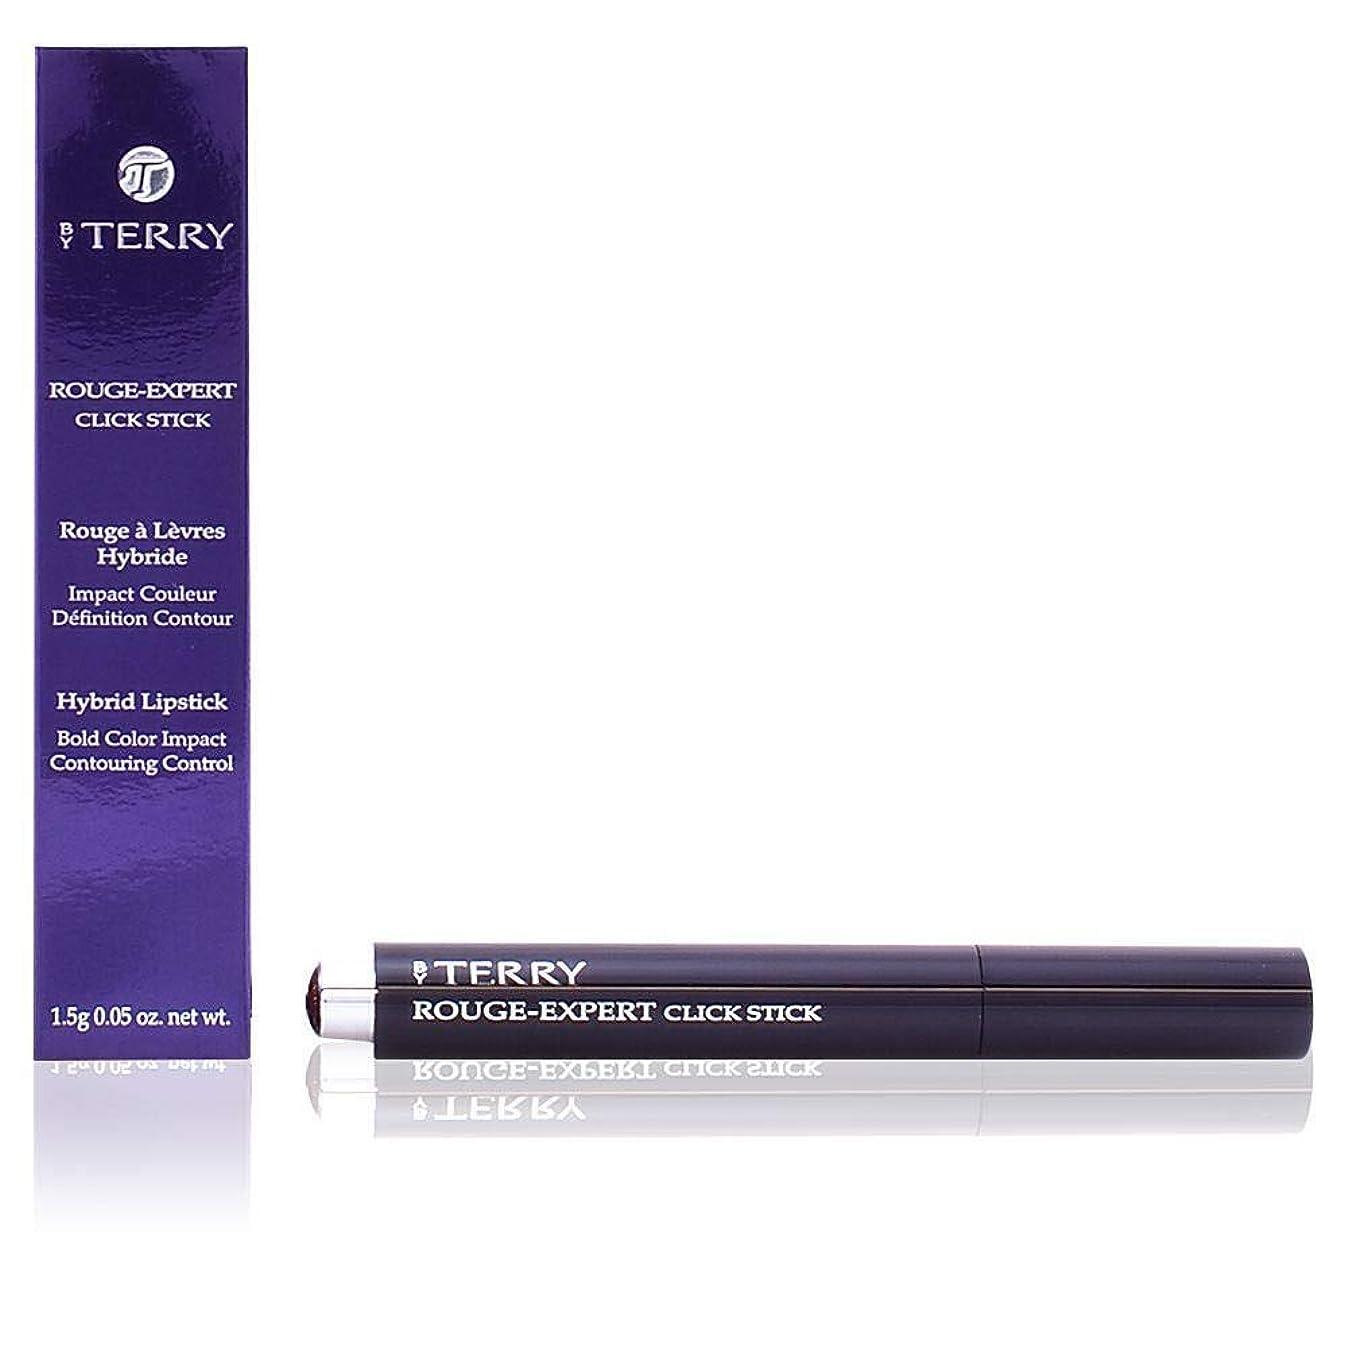 平日ウッズ等々バイテリー Rouge Expert Click Stick Hybrid Lipstick - # 13 Chilly Cream 1.5g/0.05oz並行輸入品